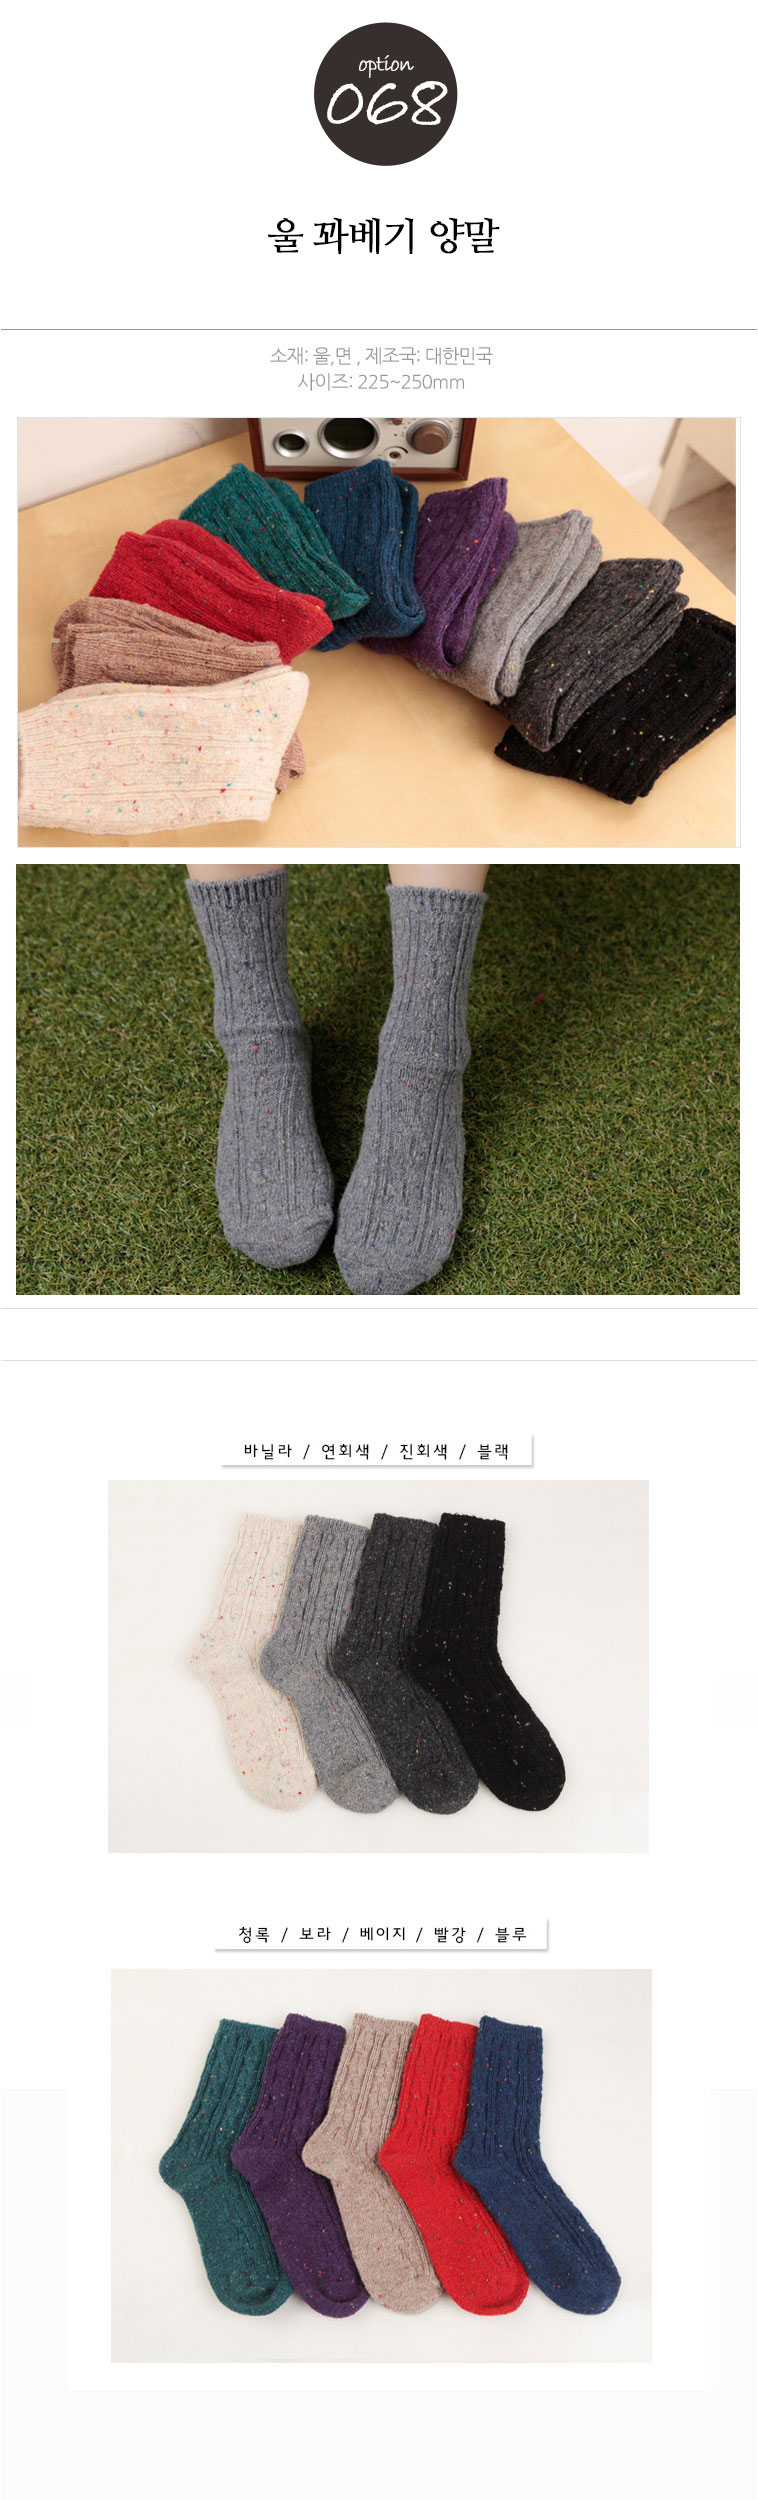 울 꽈베기 양말 - 앤코양말, 5,380원, 여성양말, 패션양말